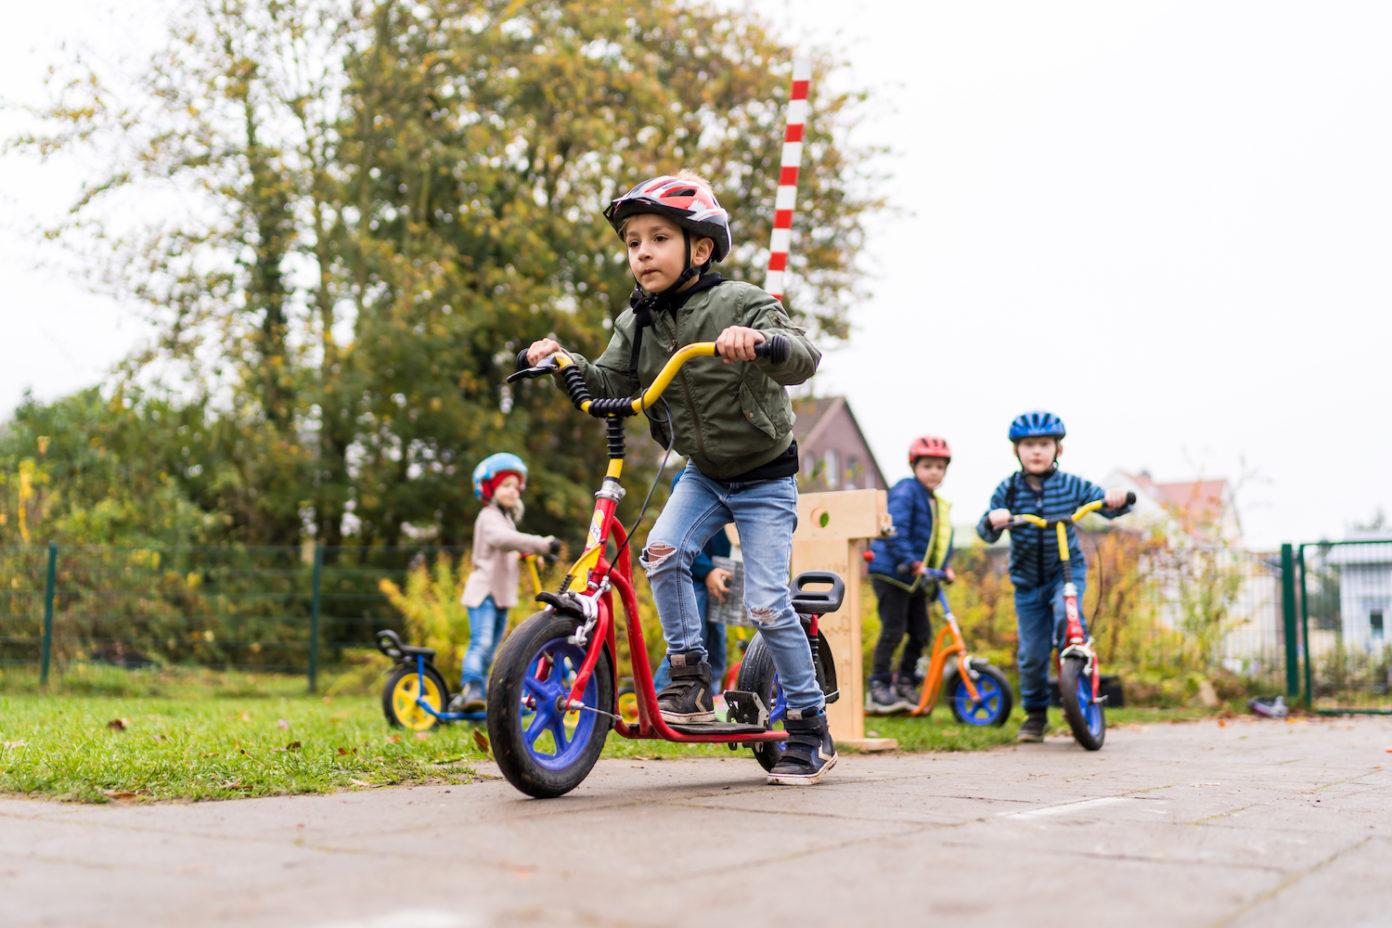 Drei Jungs und ein Mädchen fahren auf dem Weg vor ihren Häusern mit ihren Rollern.